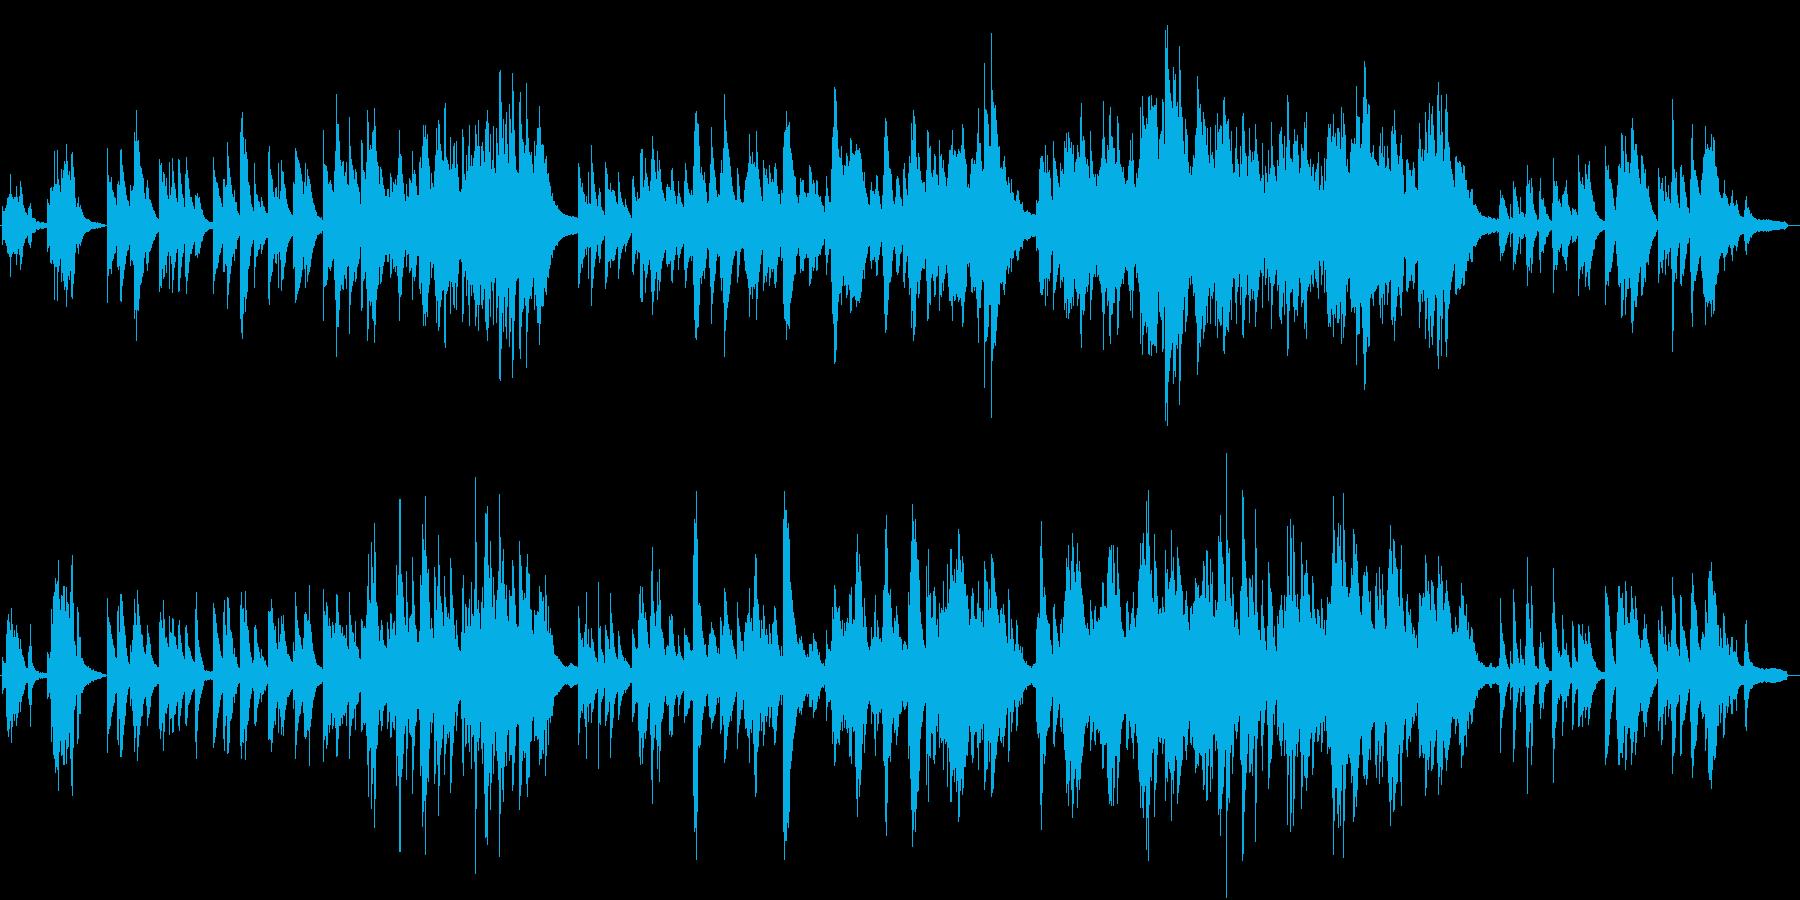 少しJAZZY、さわやかなピアノソロの再生済みの波形